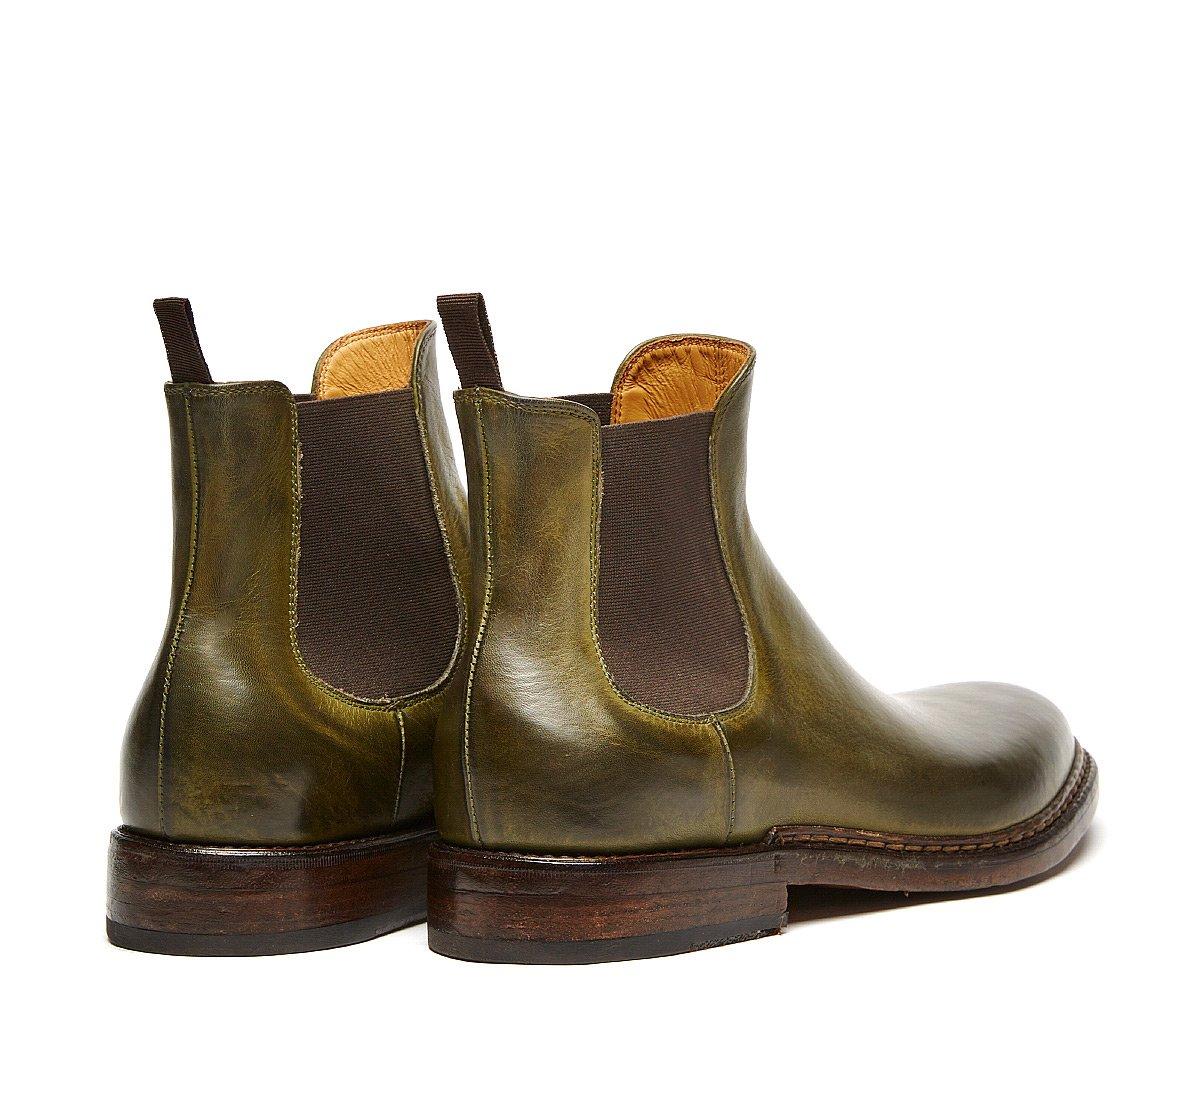 Ботинки Beatles Barracuda из высококачественной телячьей кожи